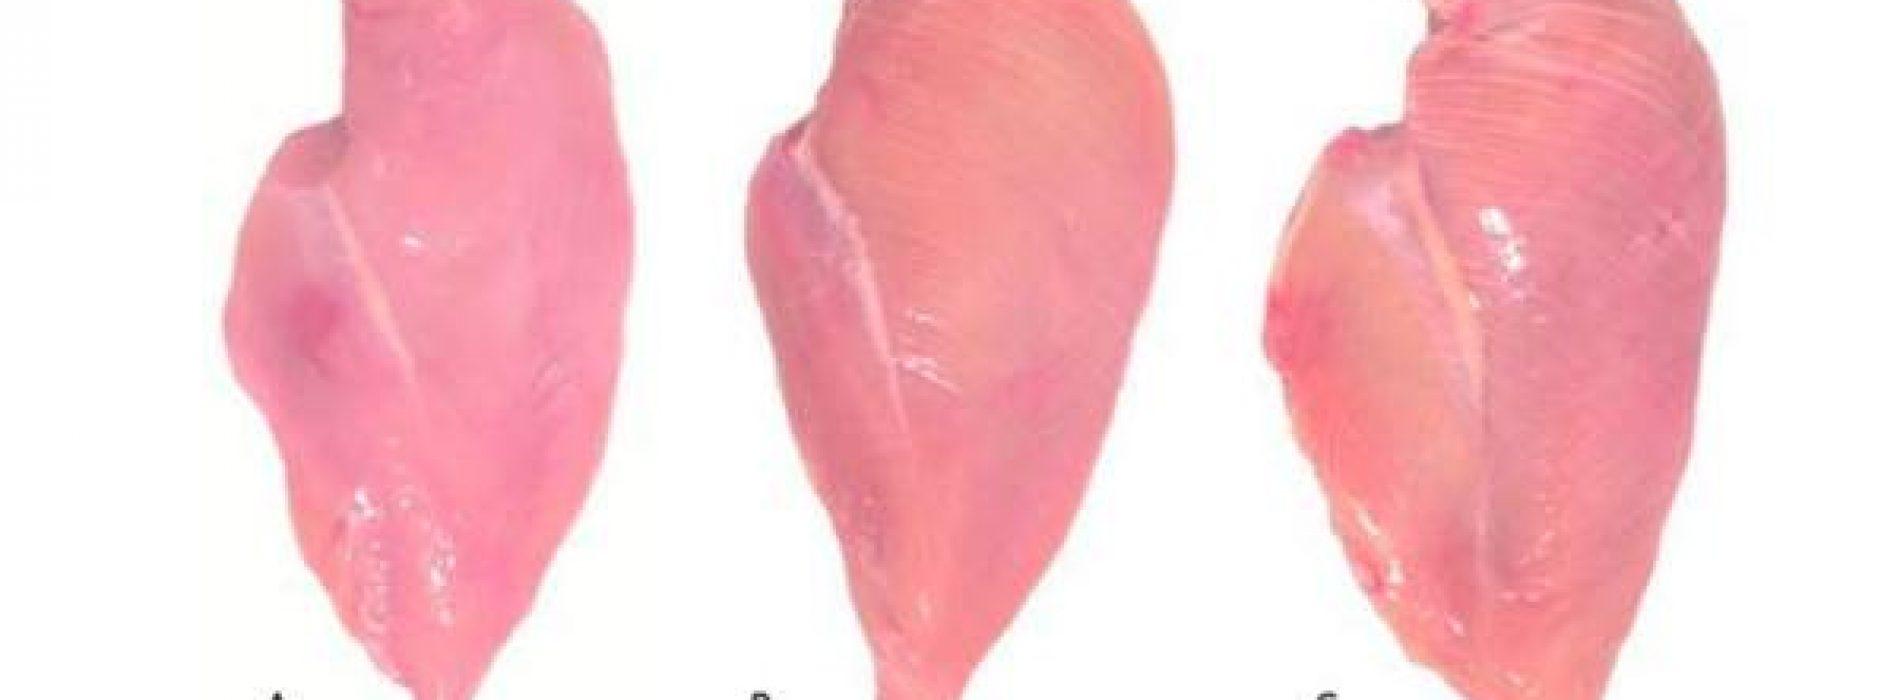 Dit is waarom je altijd een kippenborst moet inspecteren voordat je het koopt. Dit moet iedereen weten!